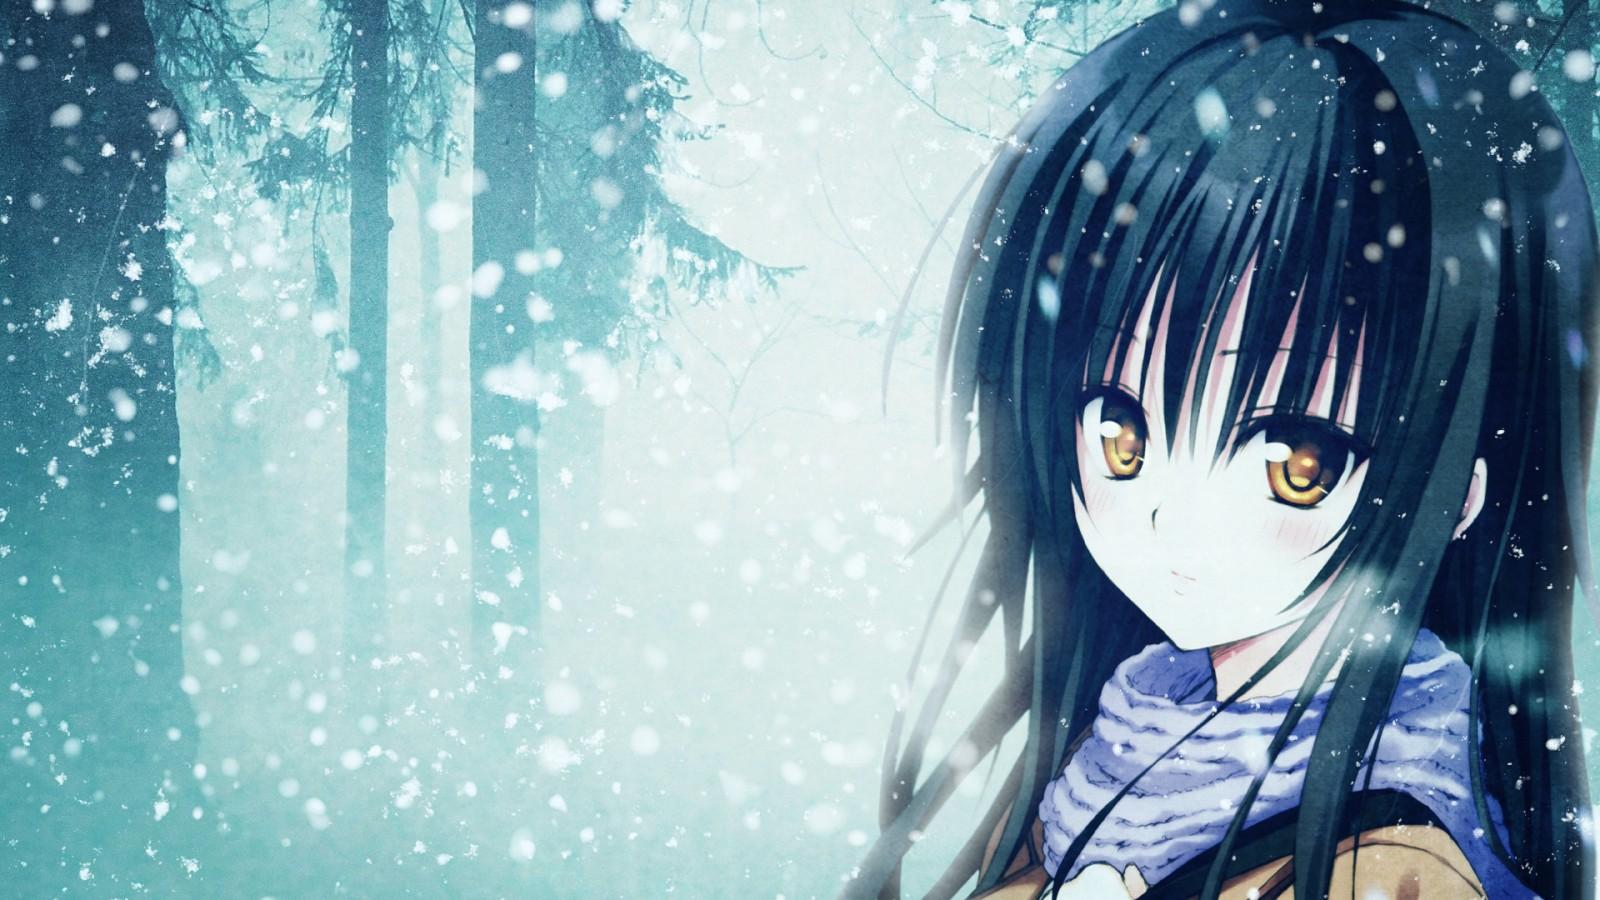 Beautiful Anime Girl Wallpaper - WallpaperSafari